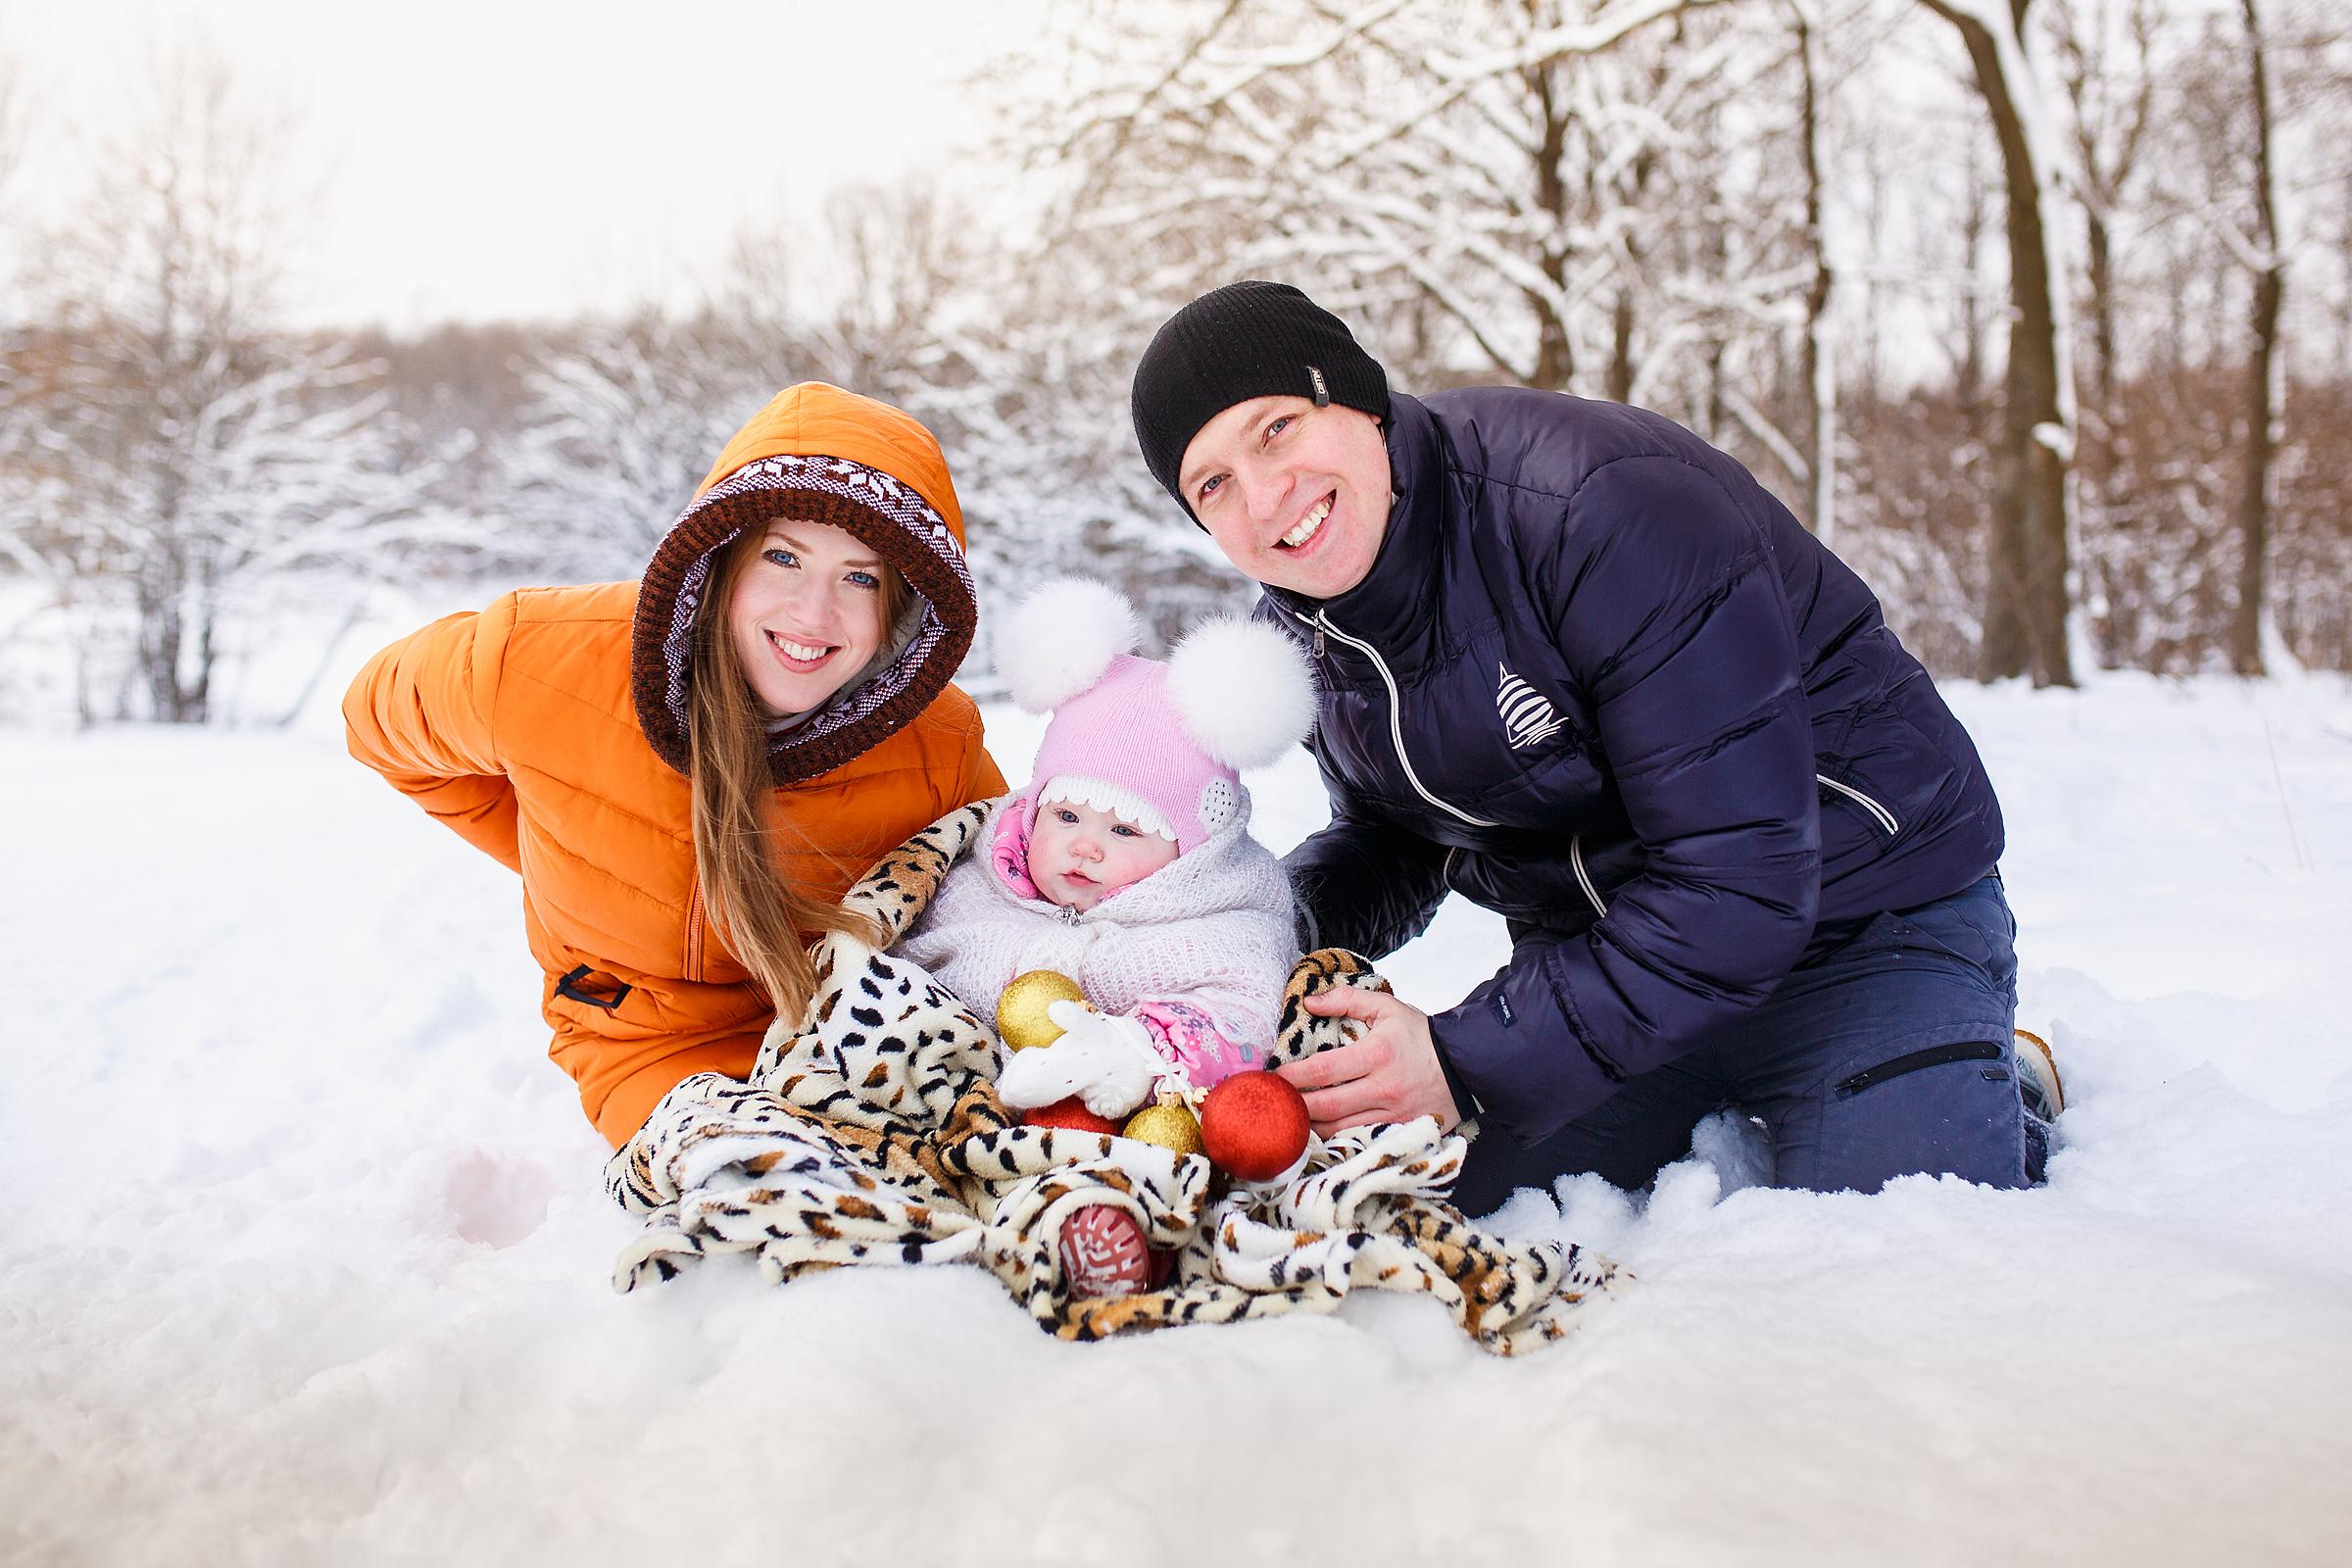 Идеи для зимней фотосессии с ребенком